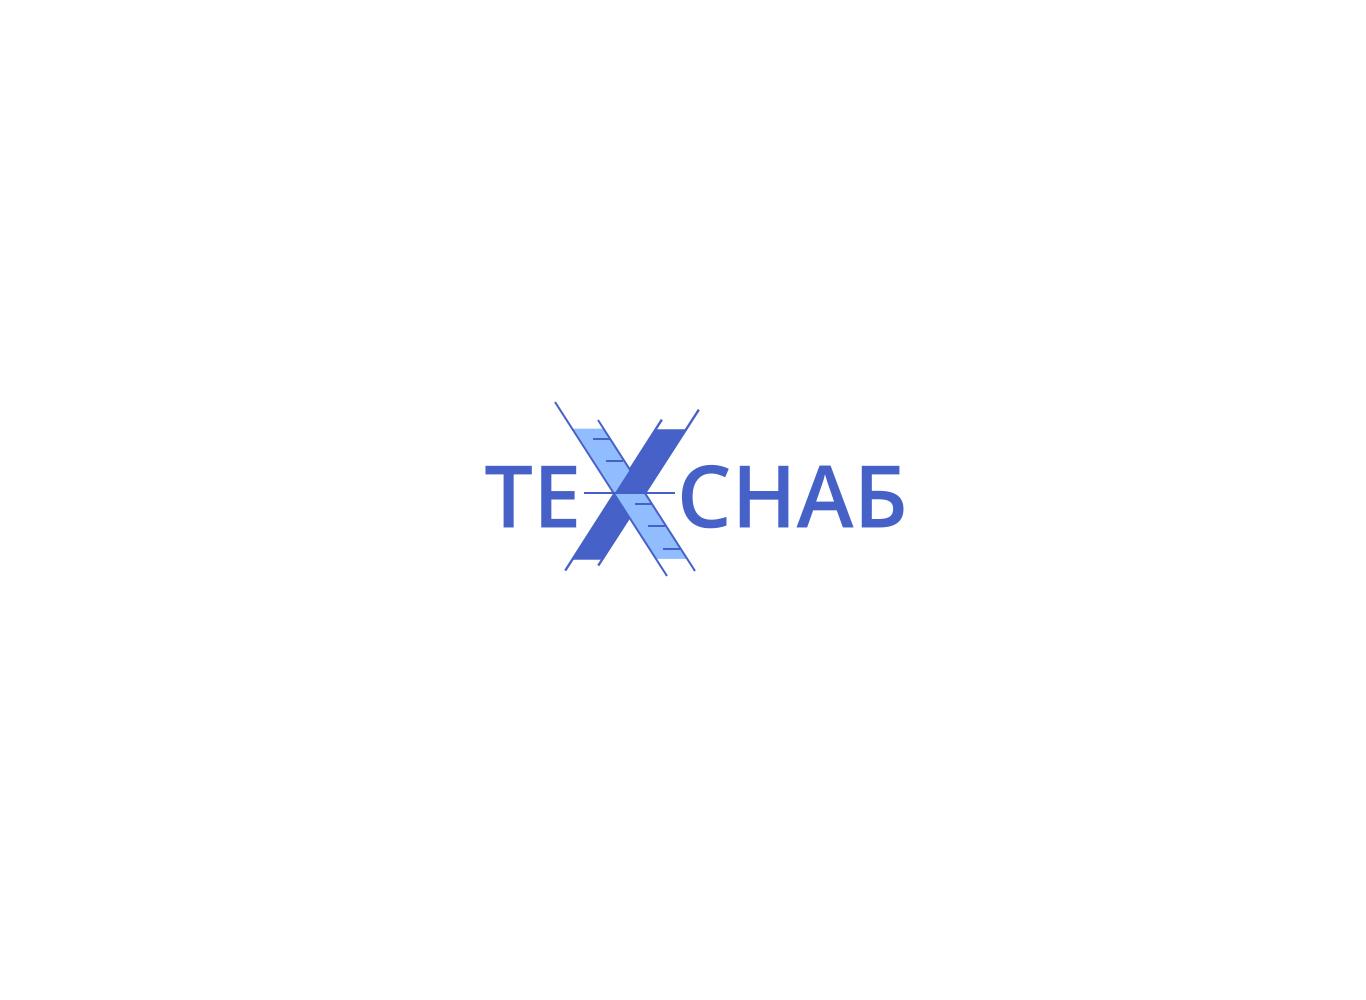 Разработка логотипа и фирм. стиля компании  ТЕХСНАБ фото f_2985b220f4f1fd38.jpg